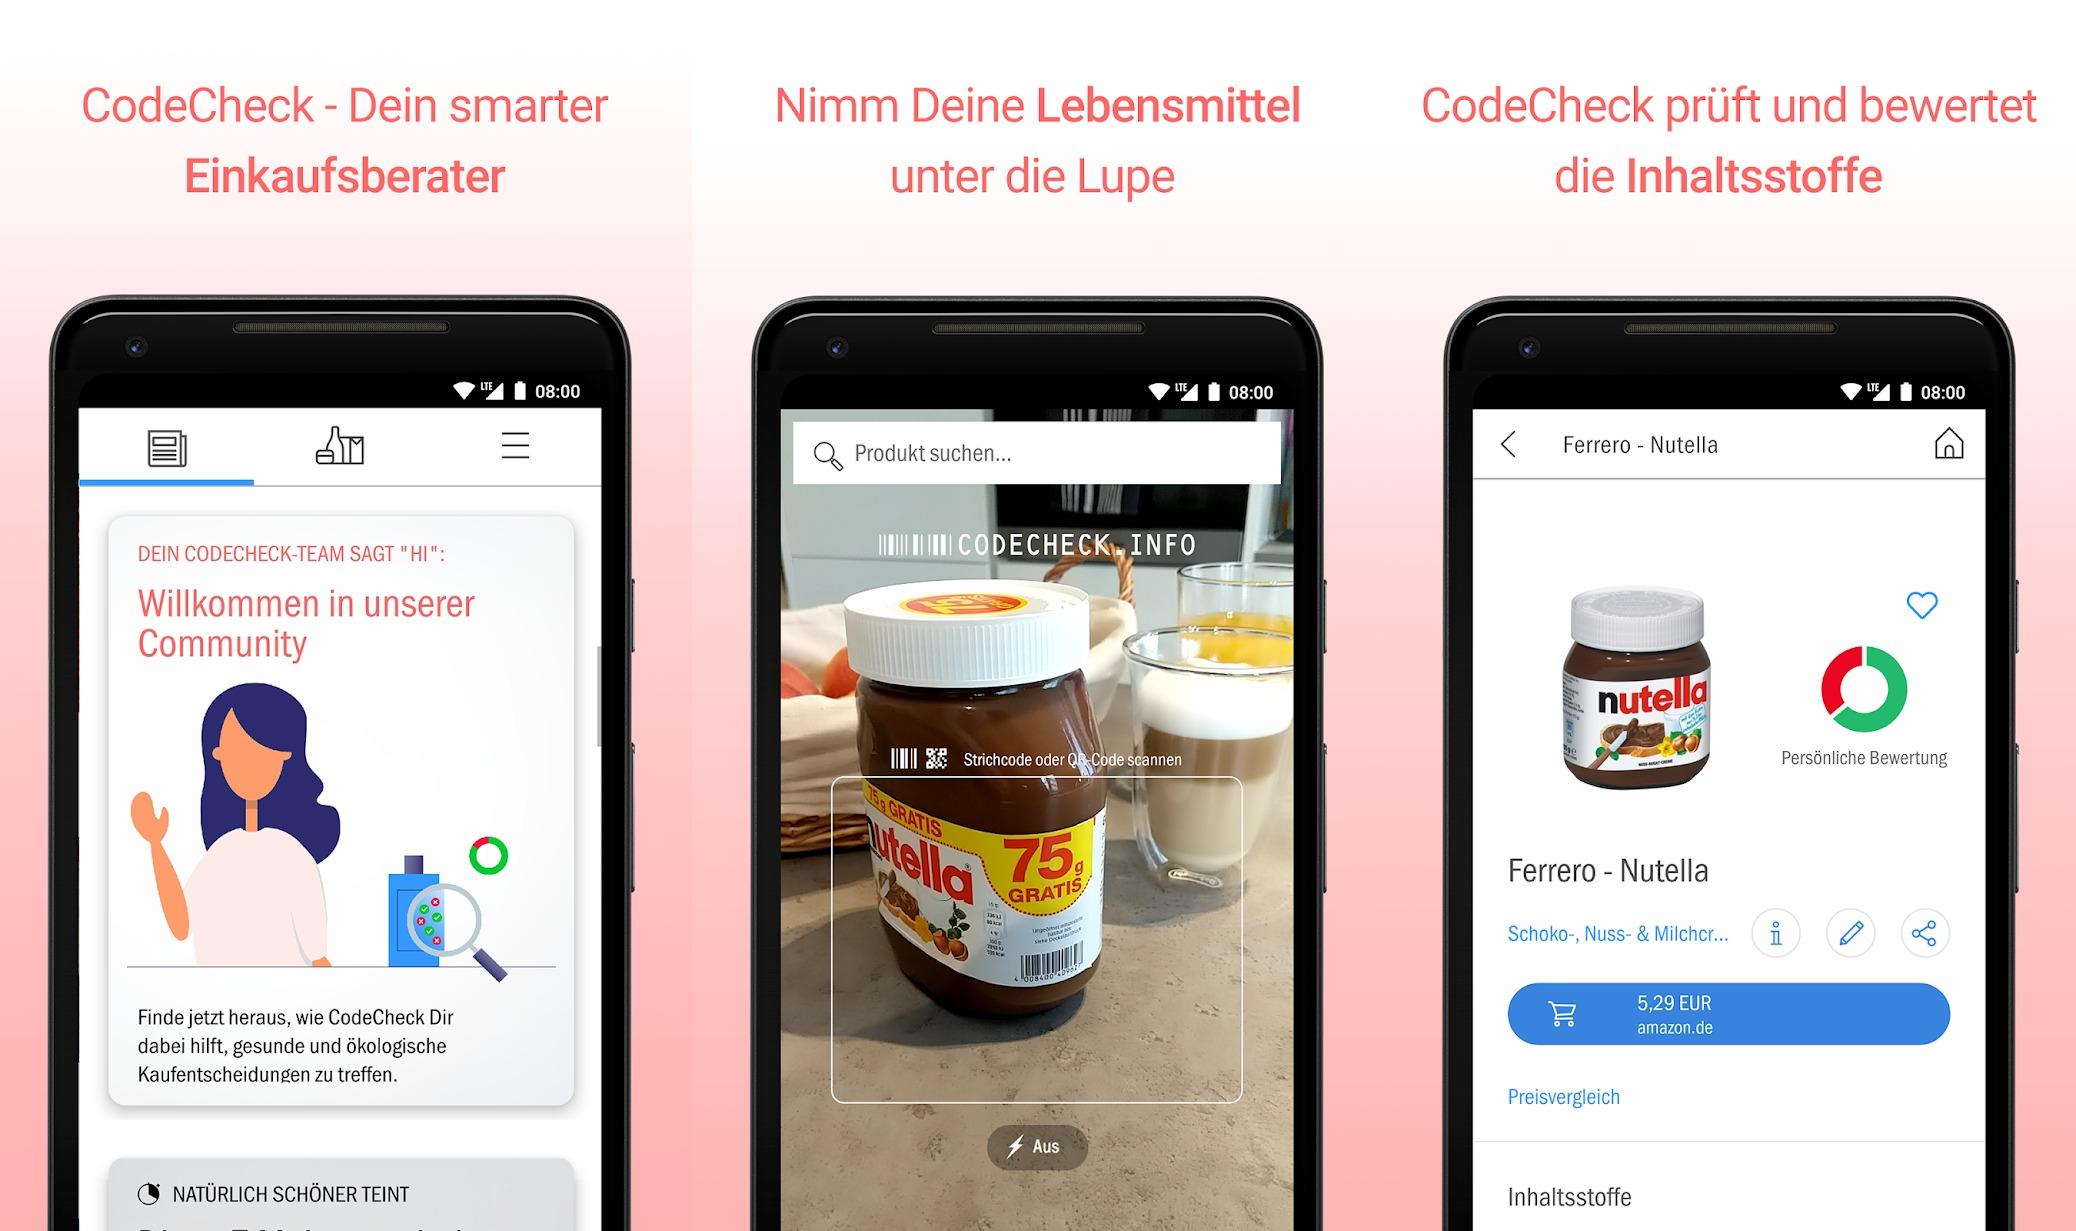 CodeCheck: Lebensmittel-Scan-App verrät Inhaltsstoffe und mehr